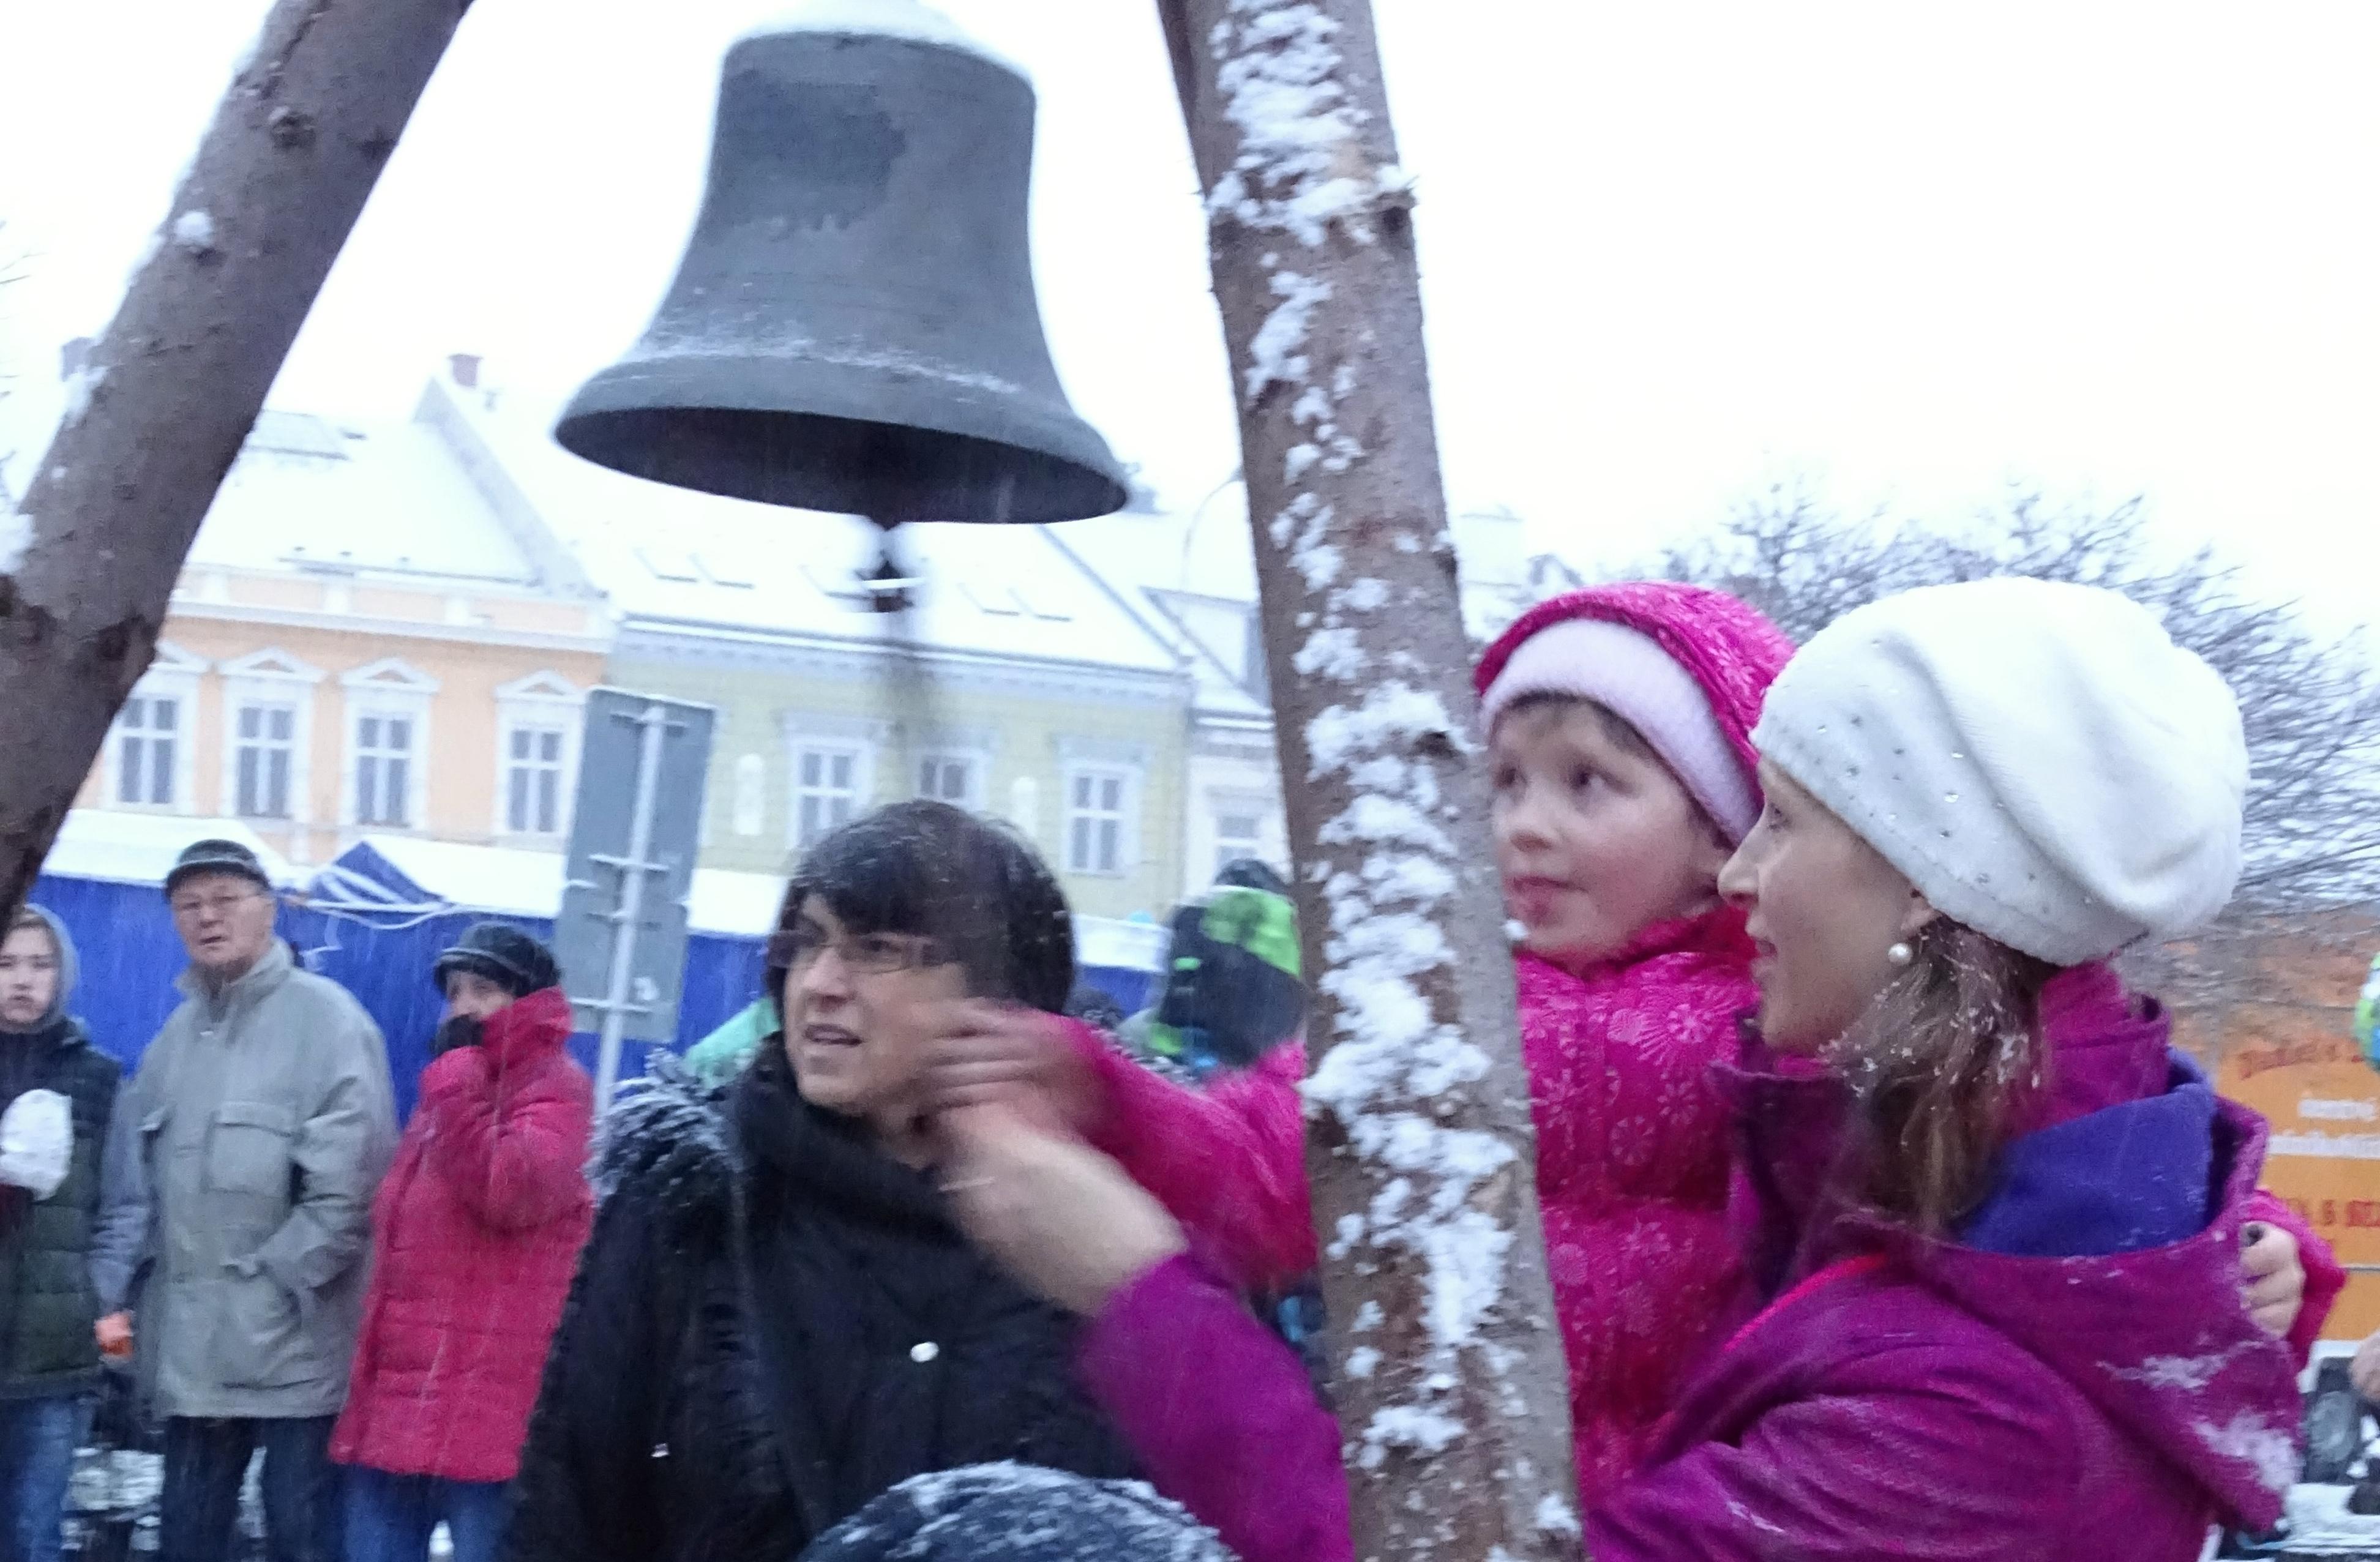 Vanocni jarmark -zvon prani zdroj foto: z.k.